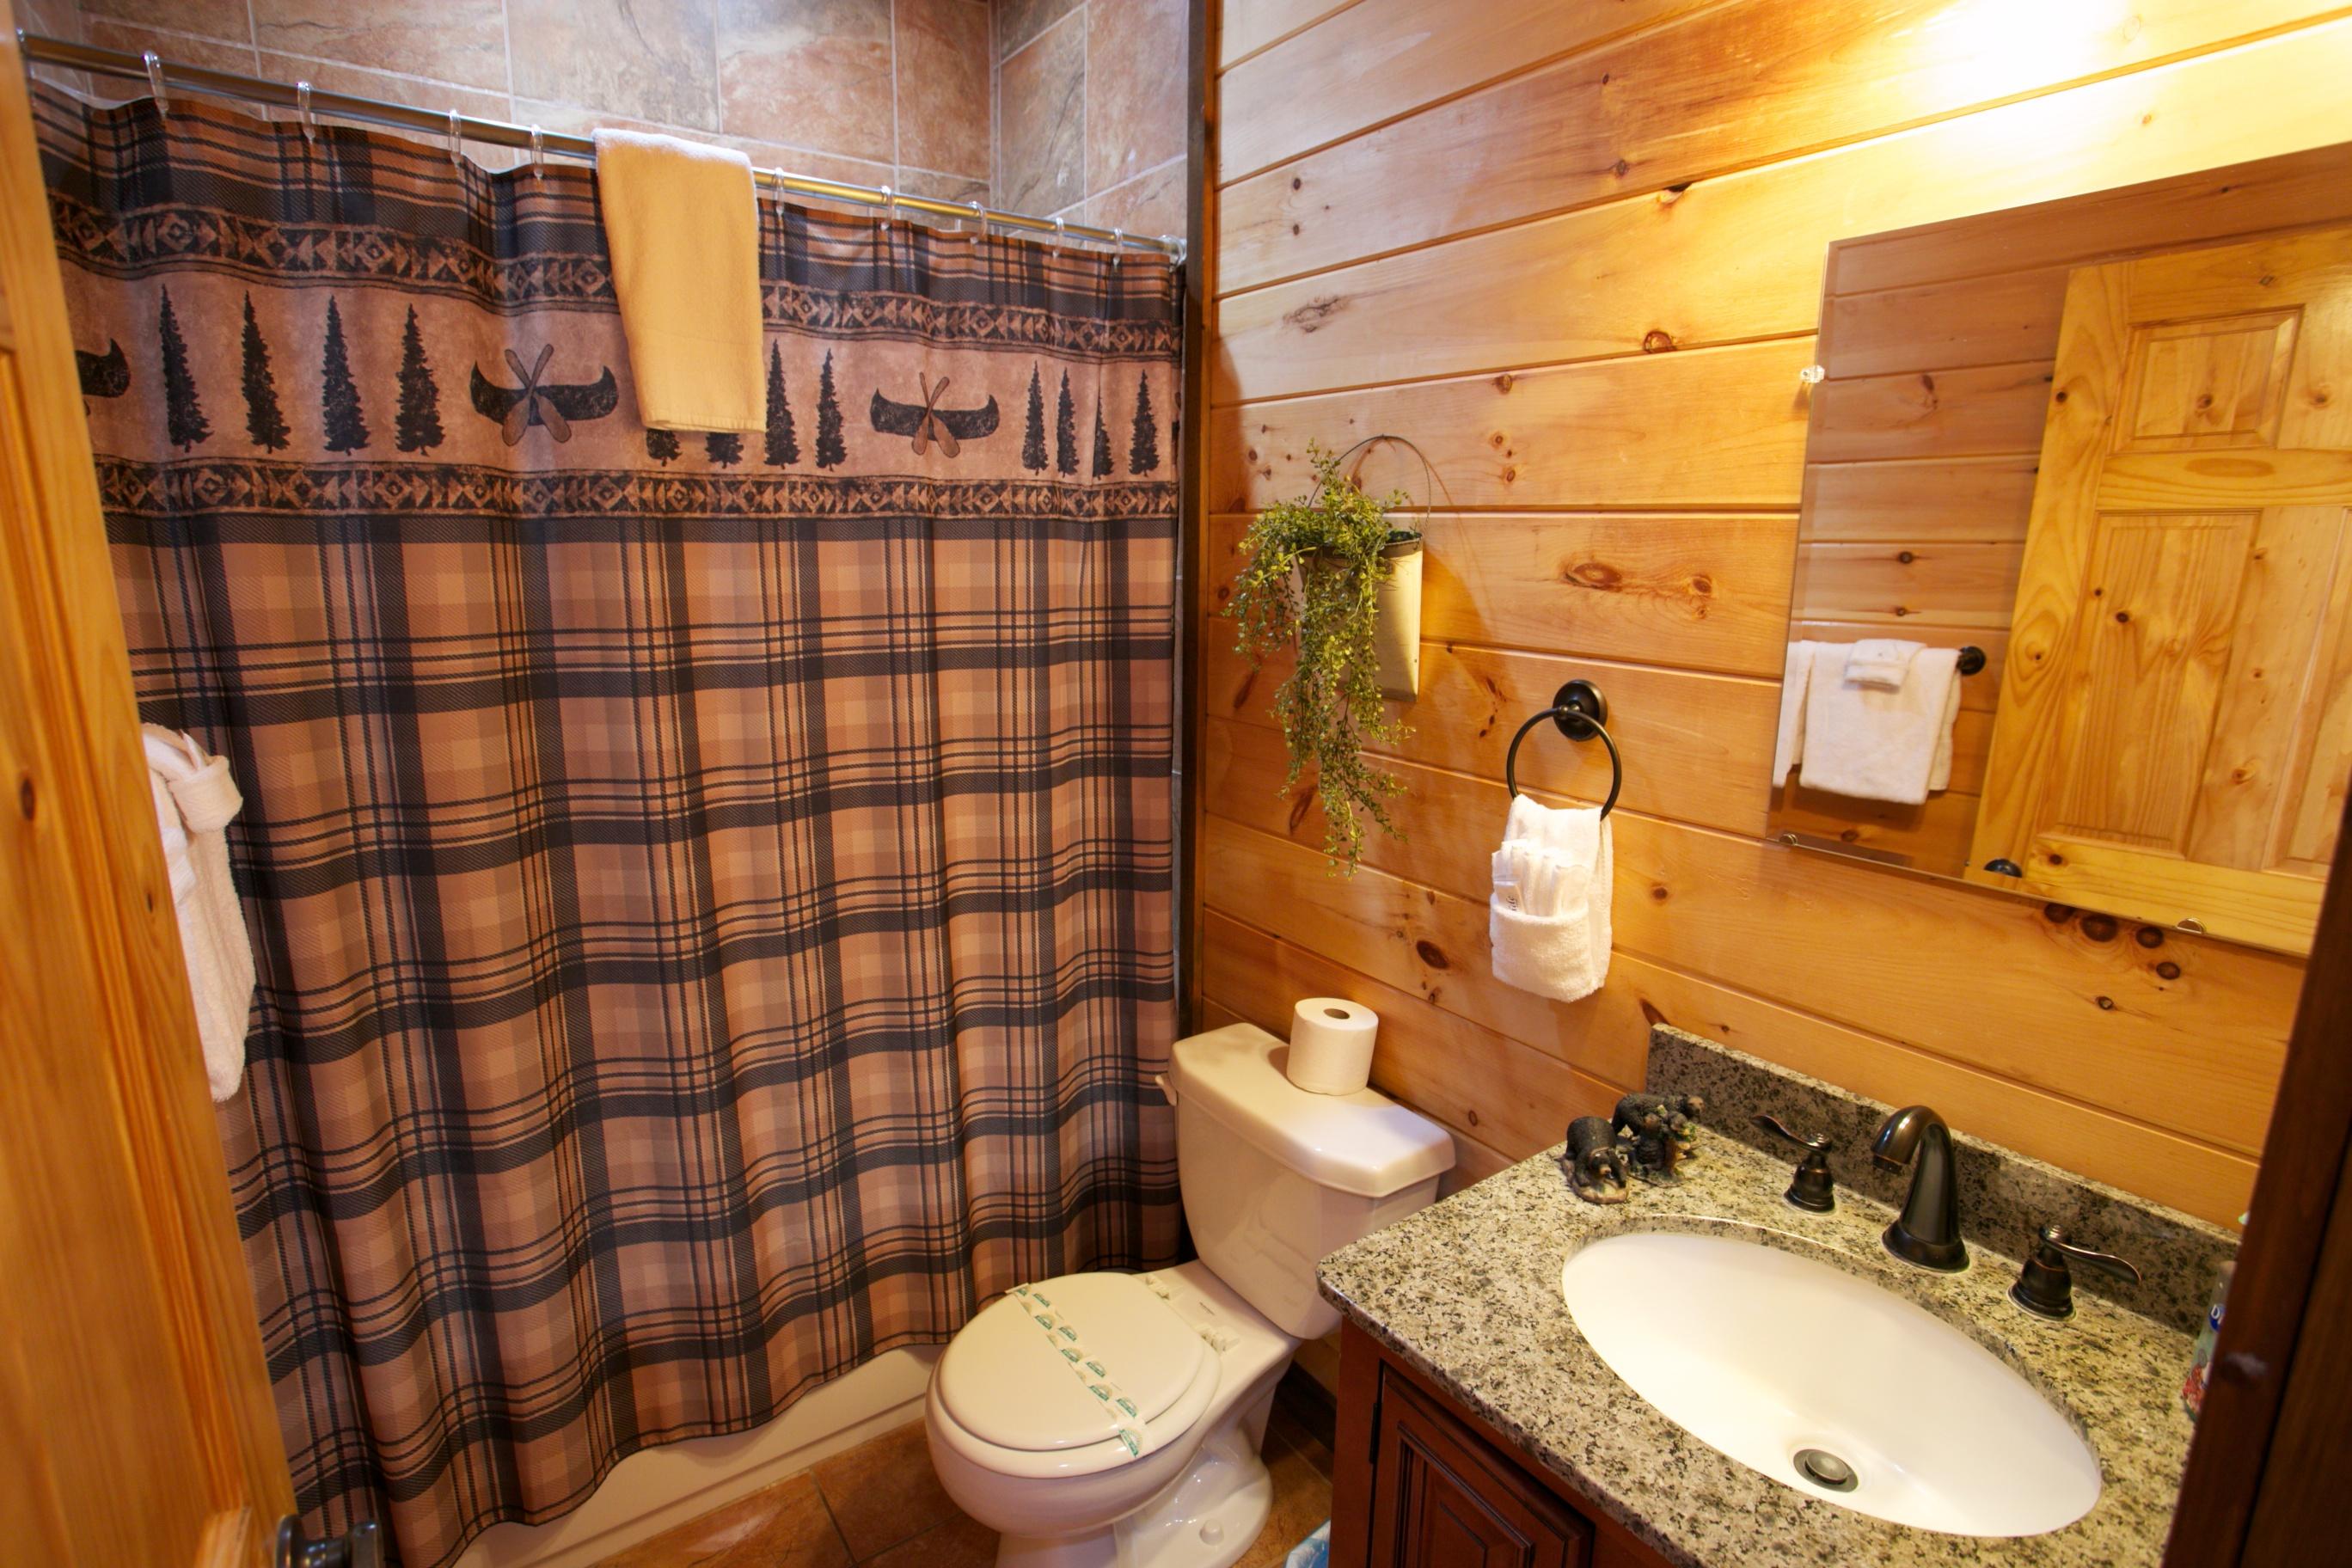 oak-hill-sink-bathroom-rentals-ga